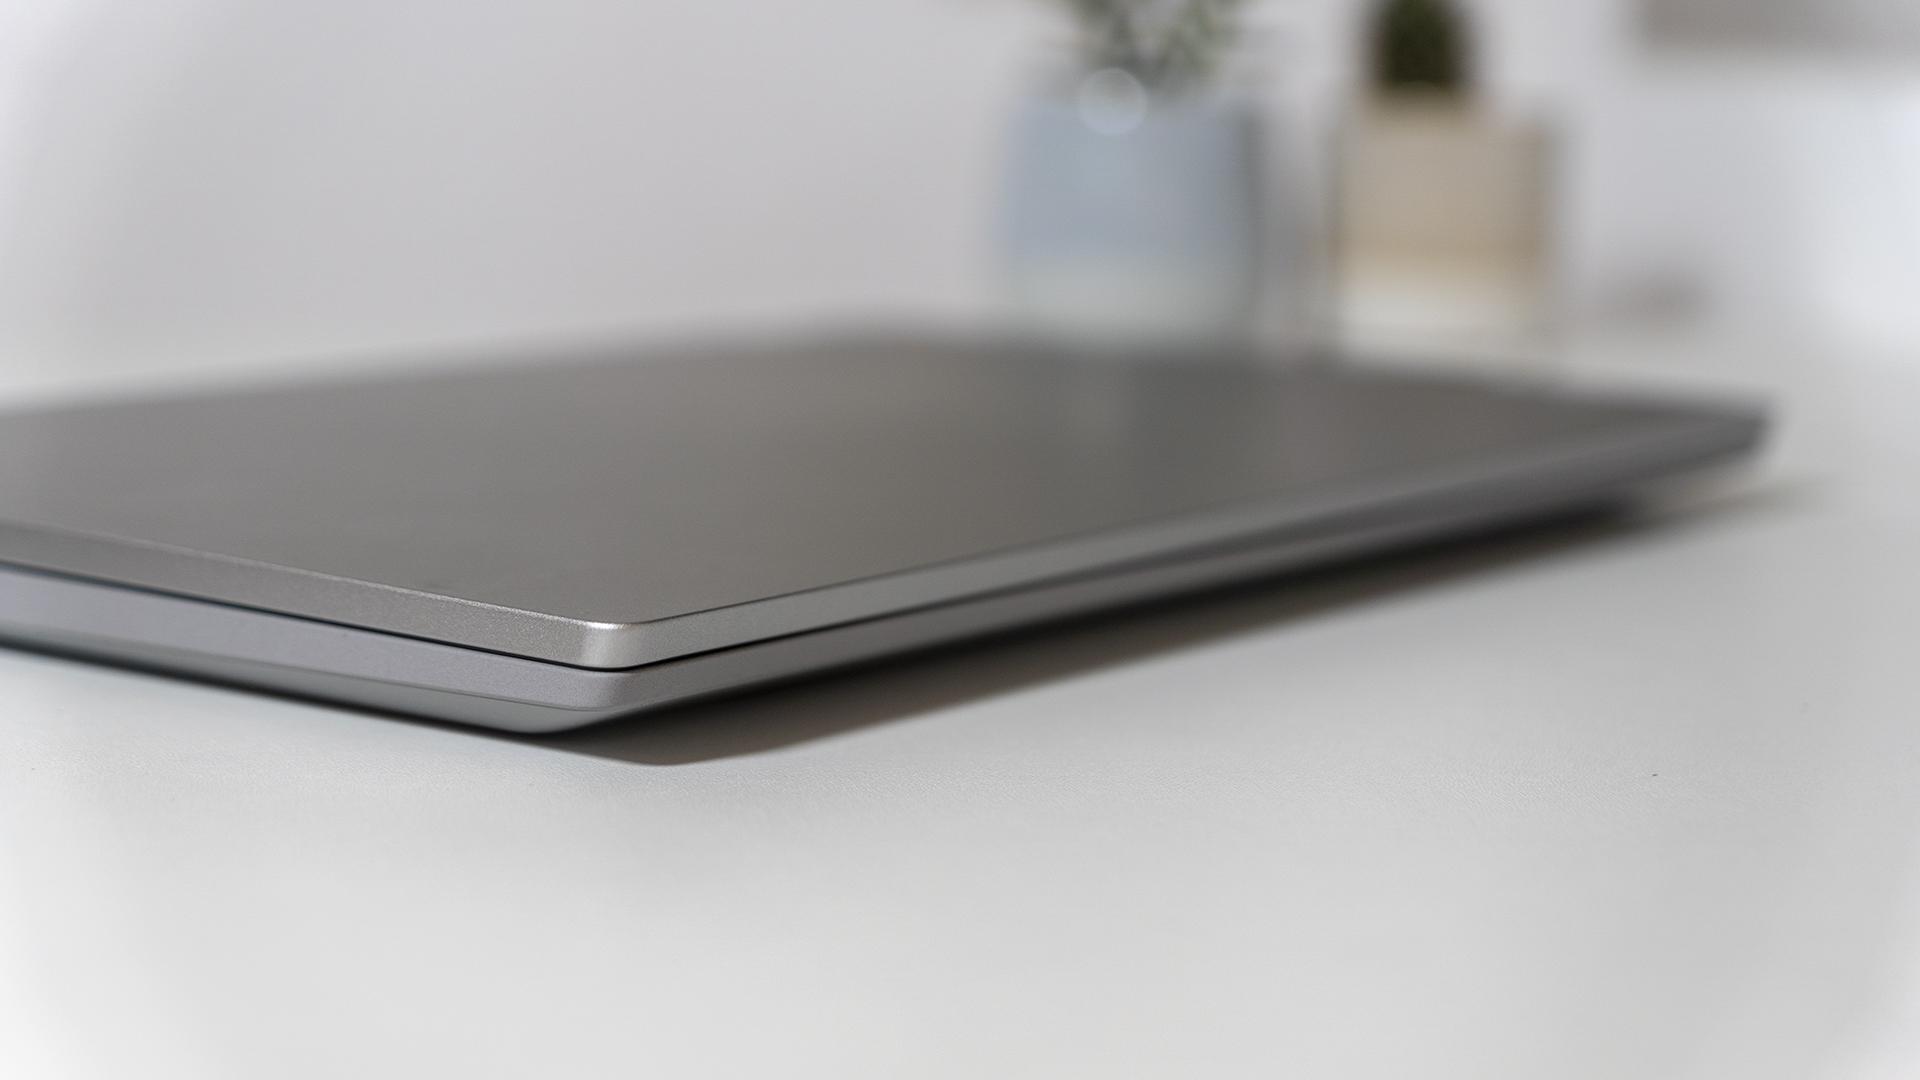 Lenovo IdeaPad Flex 5 Dicke zusammengeklappt